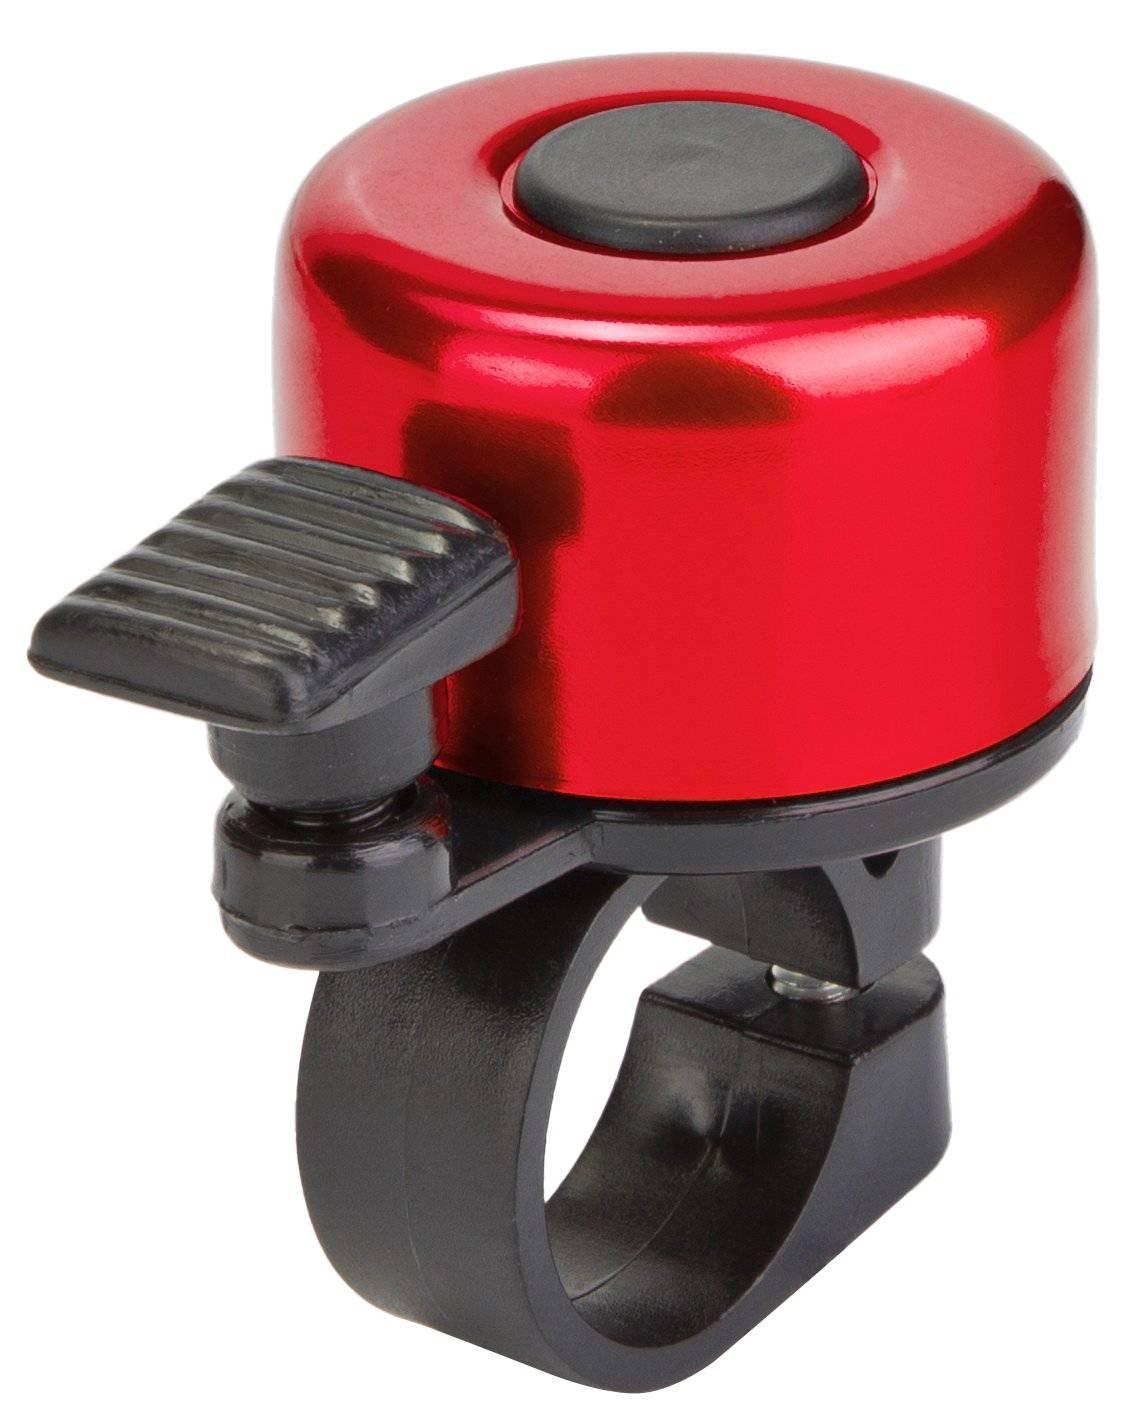 Звонок велосипедный 11A-01, алюминий/пластик, чёрно-красный, 210093